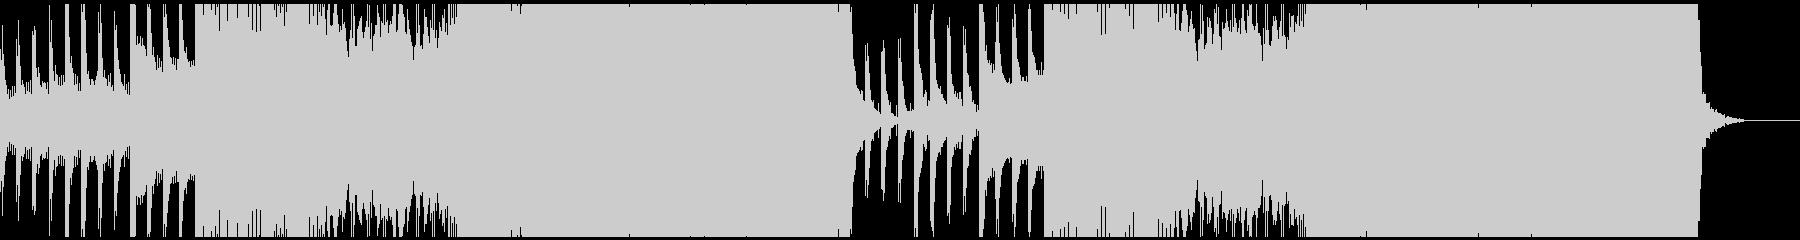 お洒落なジャズ調のEDMです。の未再生の波形